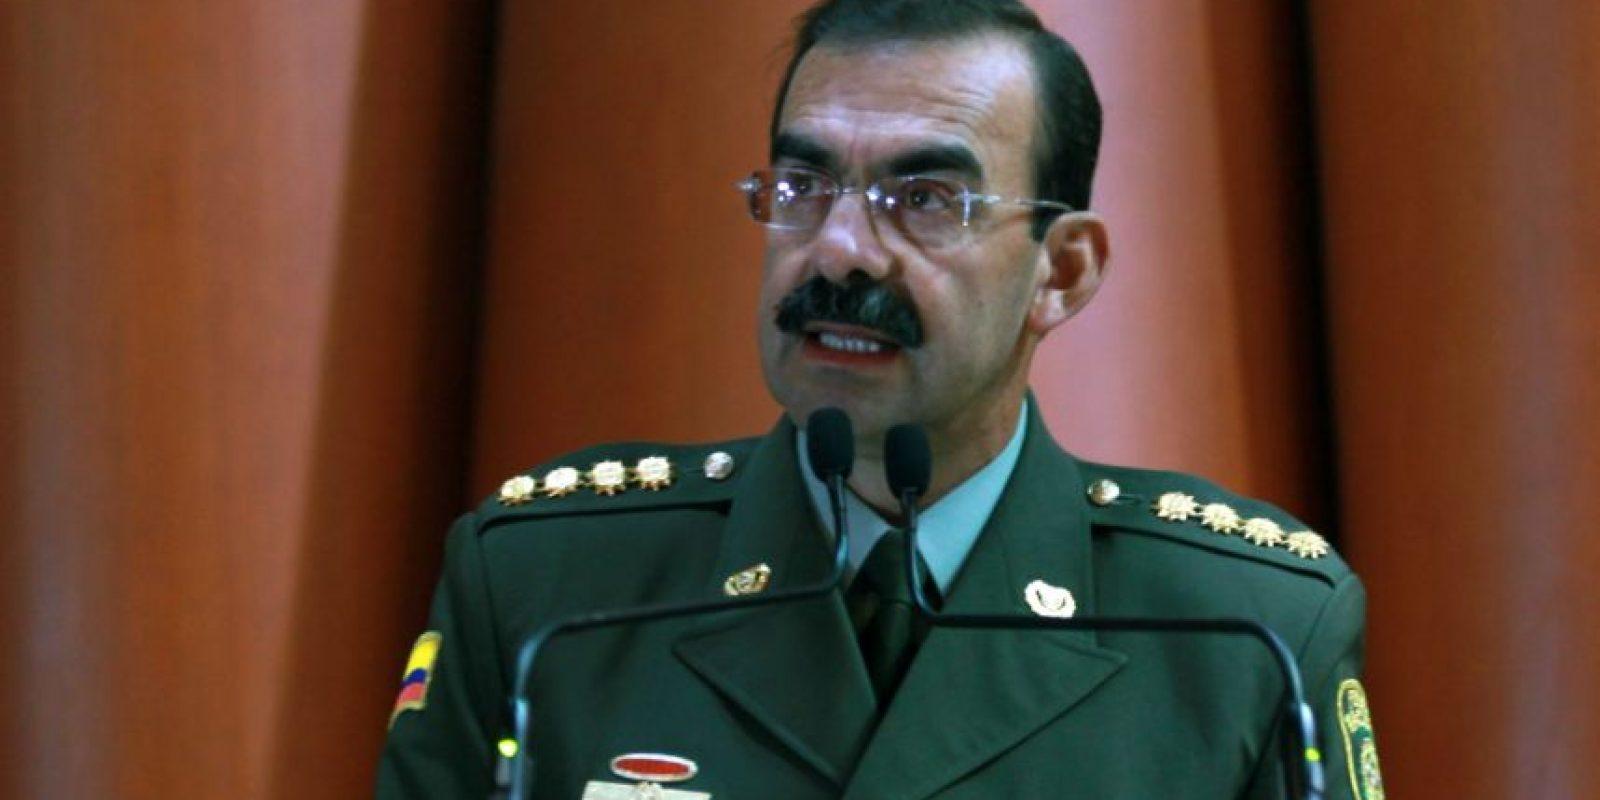 El General Rodolfo Palomino, quien hasta el 17 de febrero de 2016 fue Director de la Policía Nacional, será investigado por la supuesta red de prostitución homosexual que hay en la Institución denominada 'La Comunidad del Anillo'. Foto:Archivo EFE